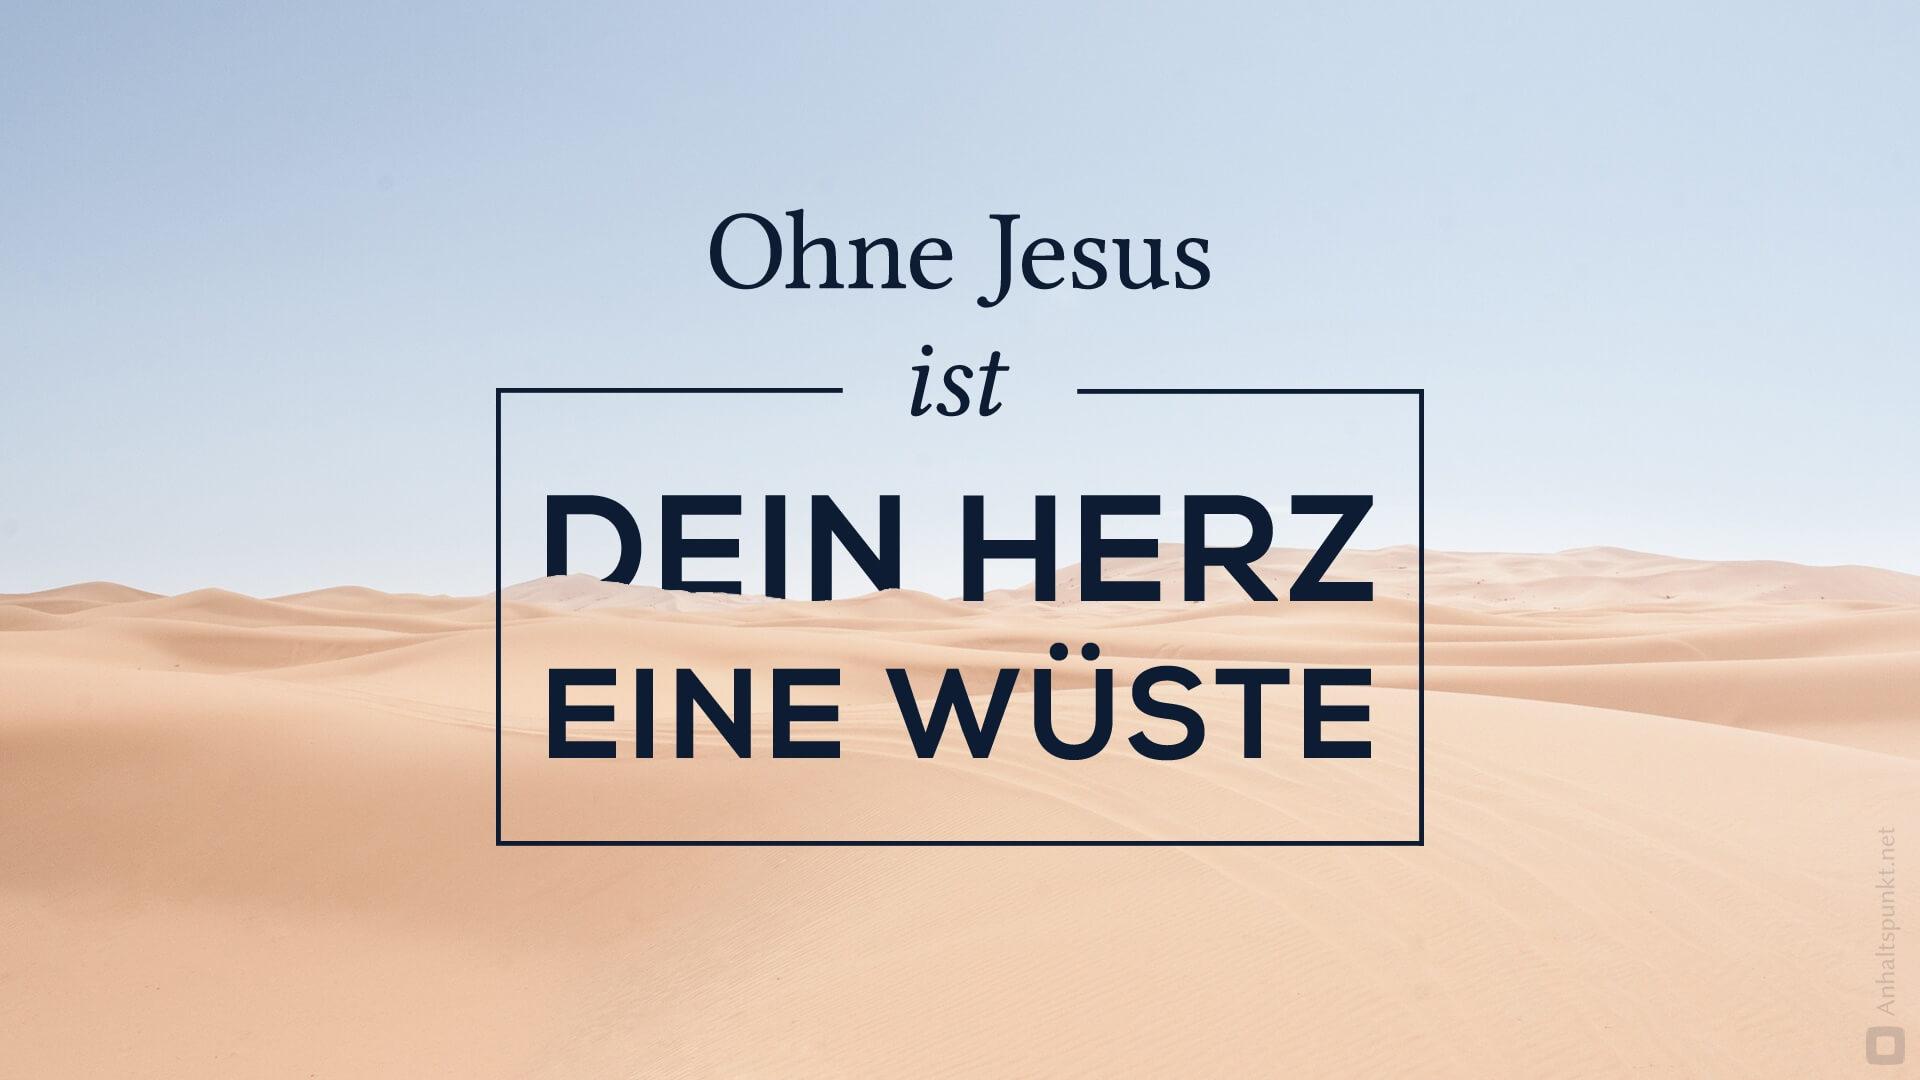 ohne jesus ist dein herz eine wüste - anhaltspunkt